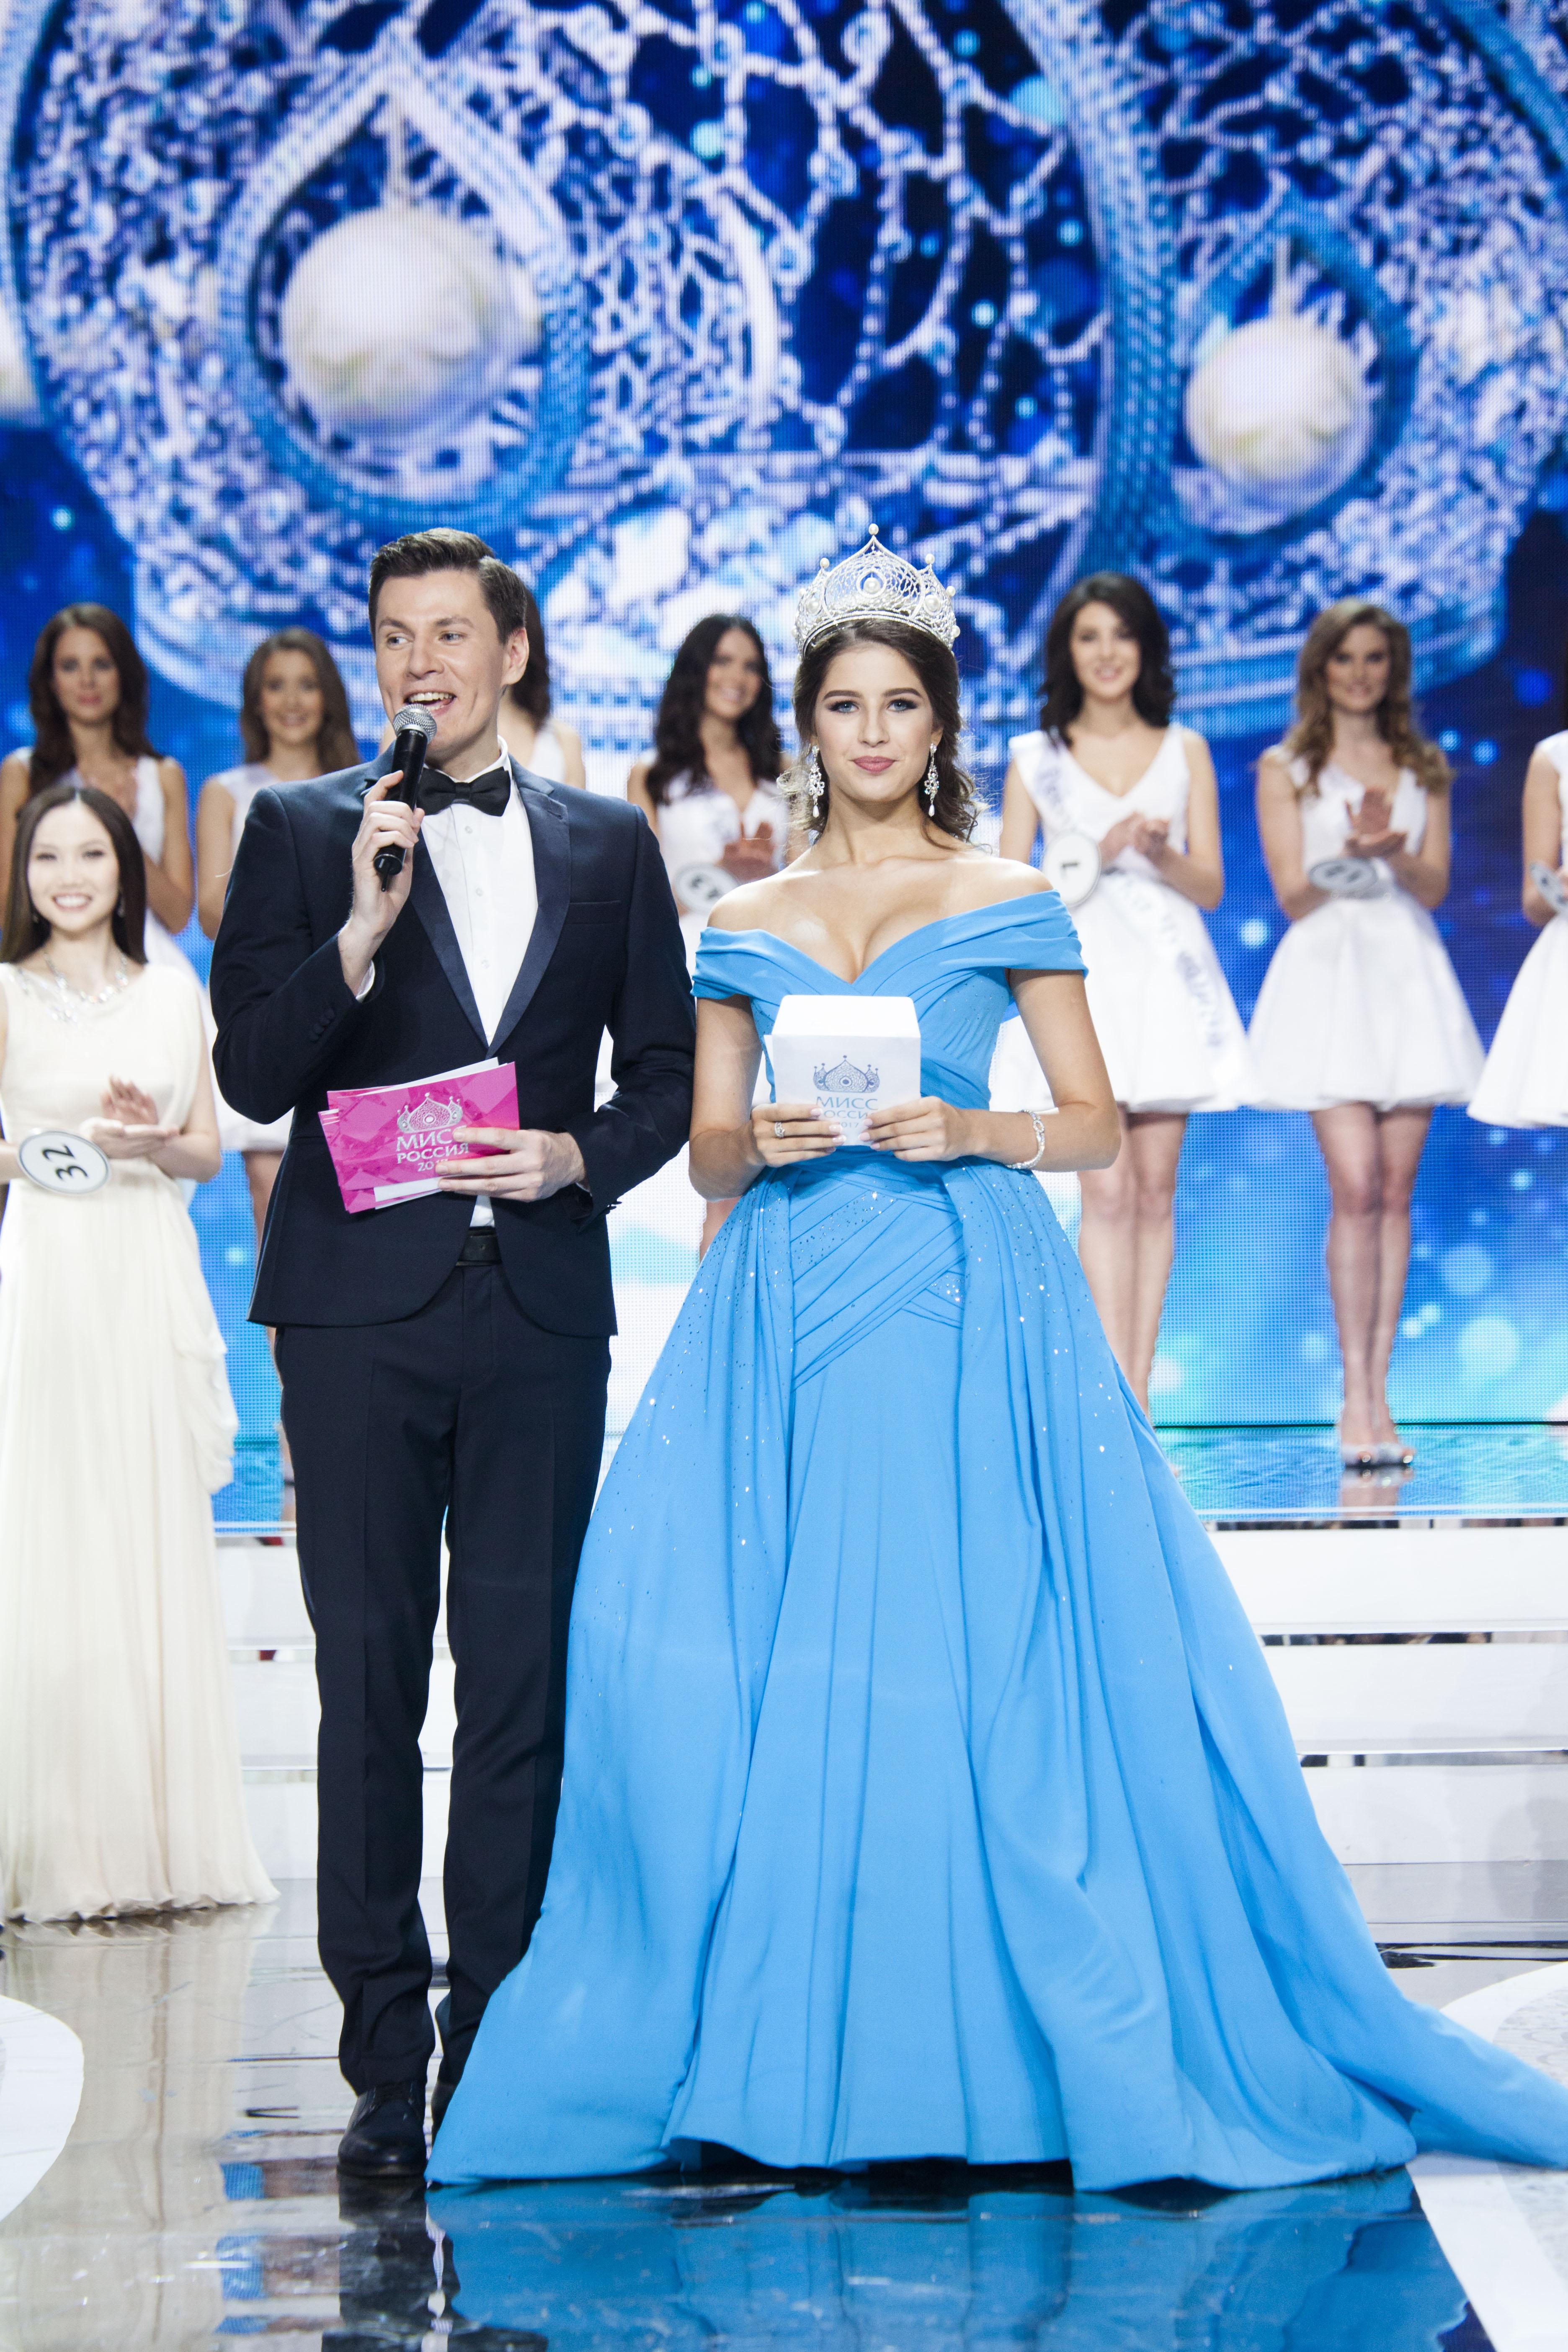 Конкурс мисс россия 2017 вопросы